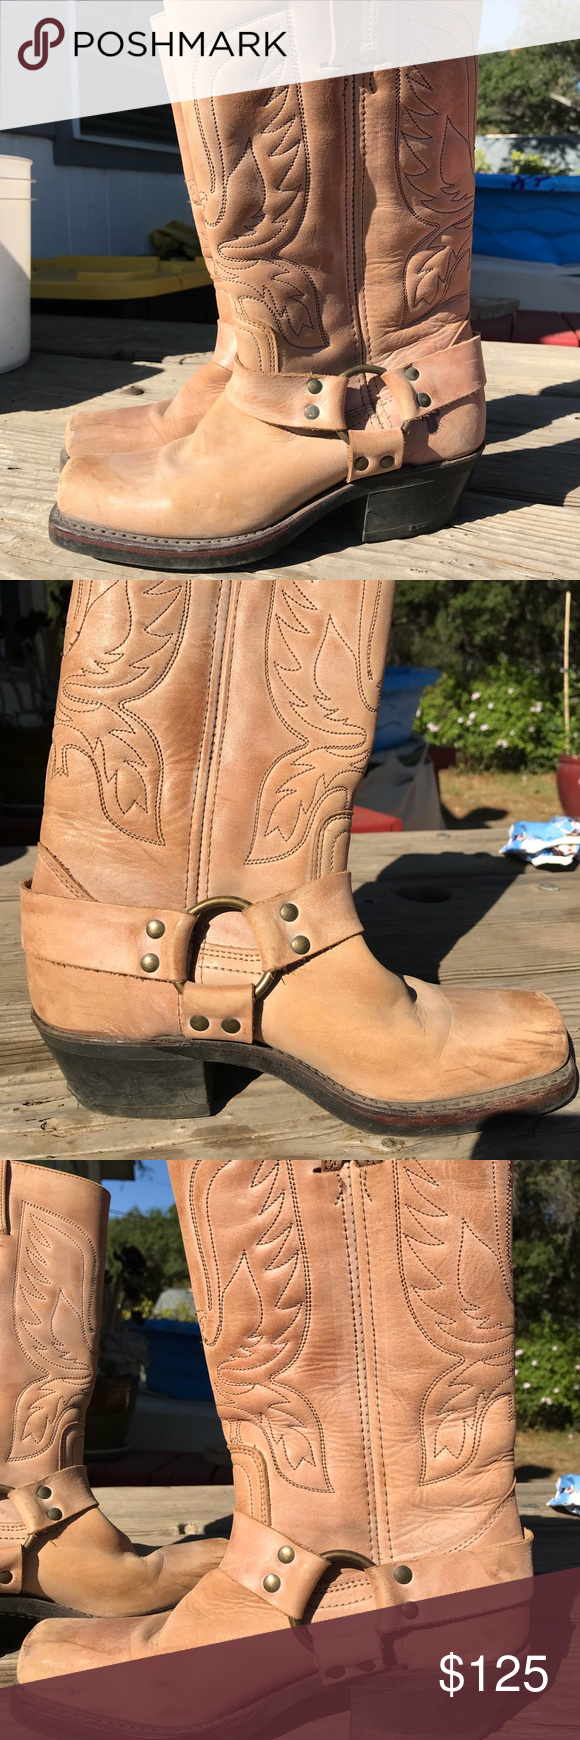 af5b16480de Frye boots Rare eagle embroidered harness Frye Western/Cowgirl/Biker ...